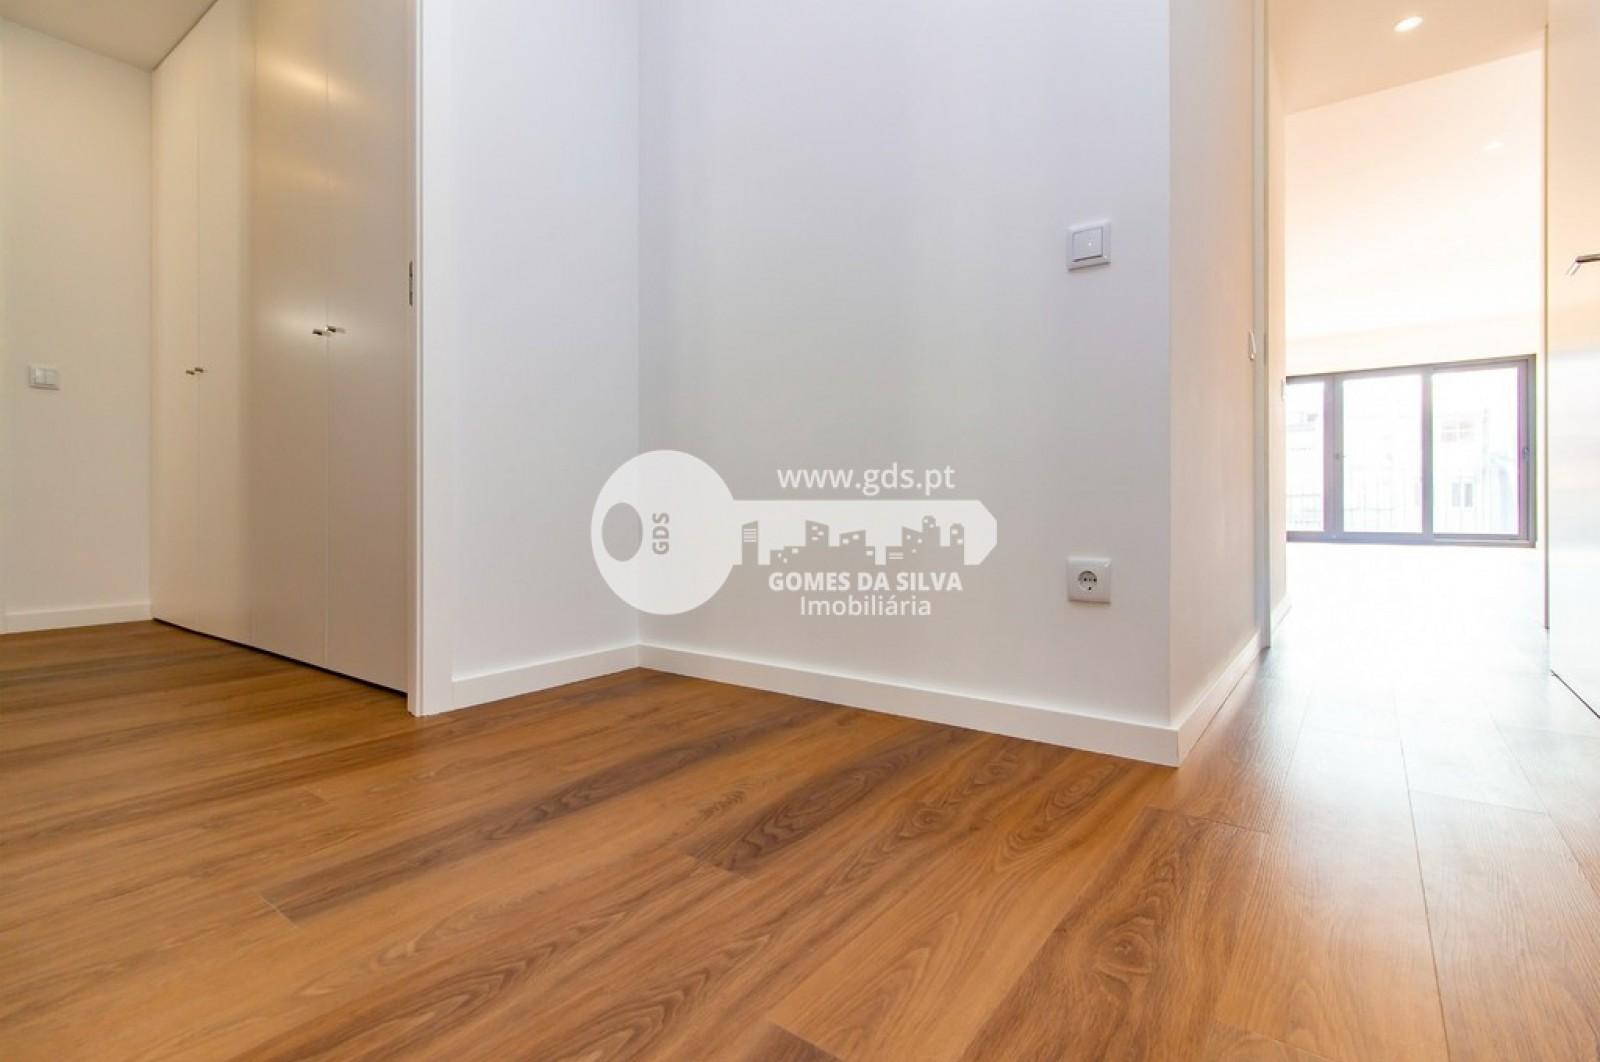 Apartamento T3 para Venda em São Vicente, Braga, Braga - Imagem 29